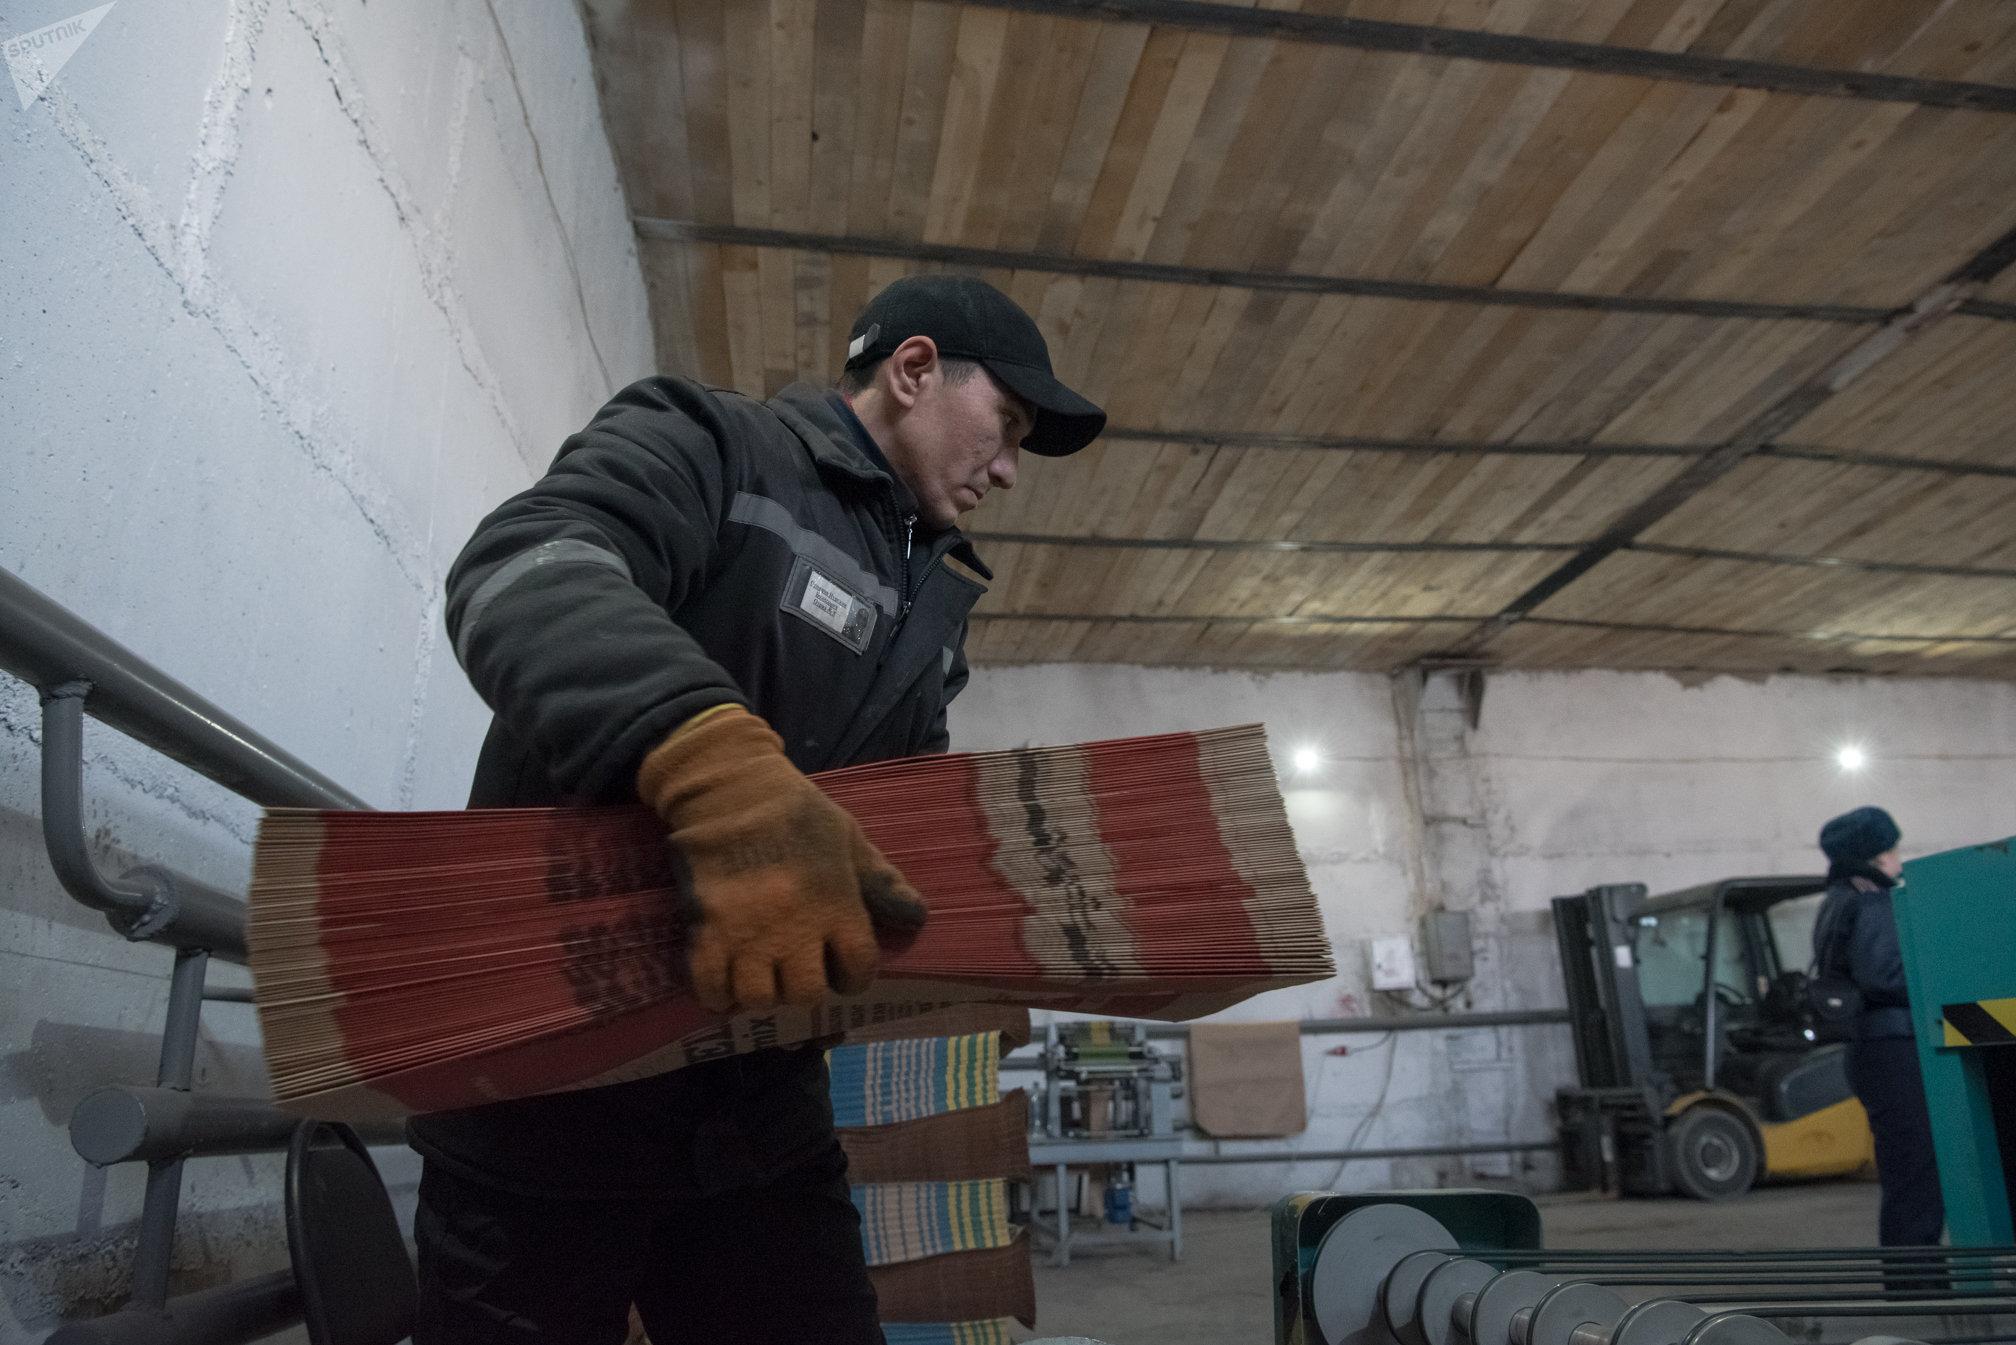 Колония чрезвычайной безопасности ЕЦ-166/5 - единственное пенитенциарное учреждение в Казахстане, где на локальном участке нарушители режима задействованы в работе